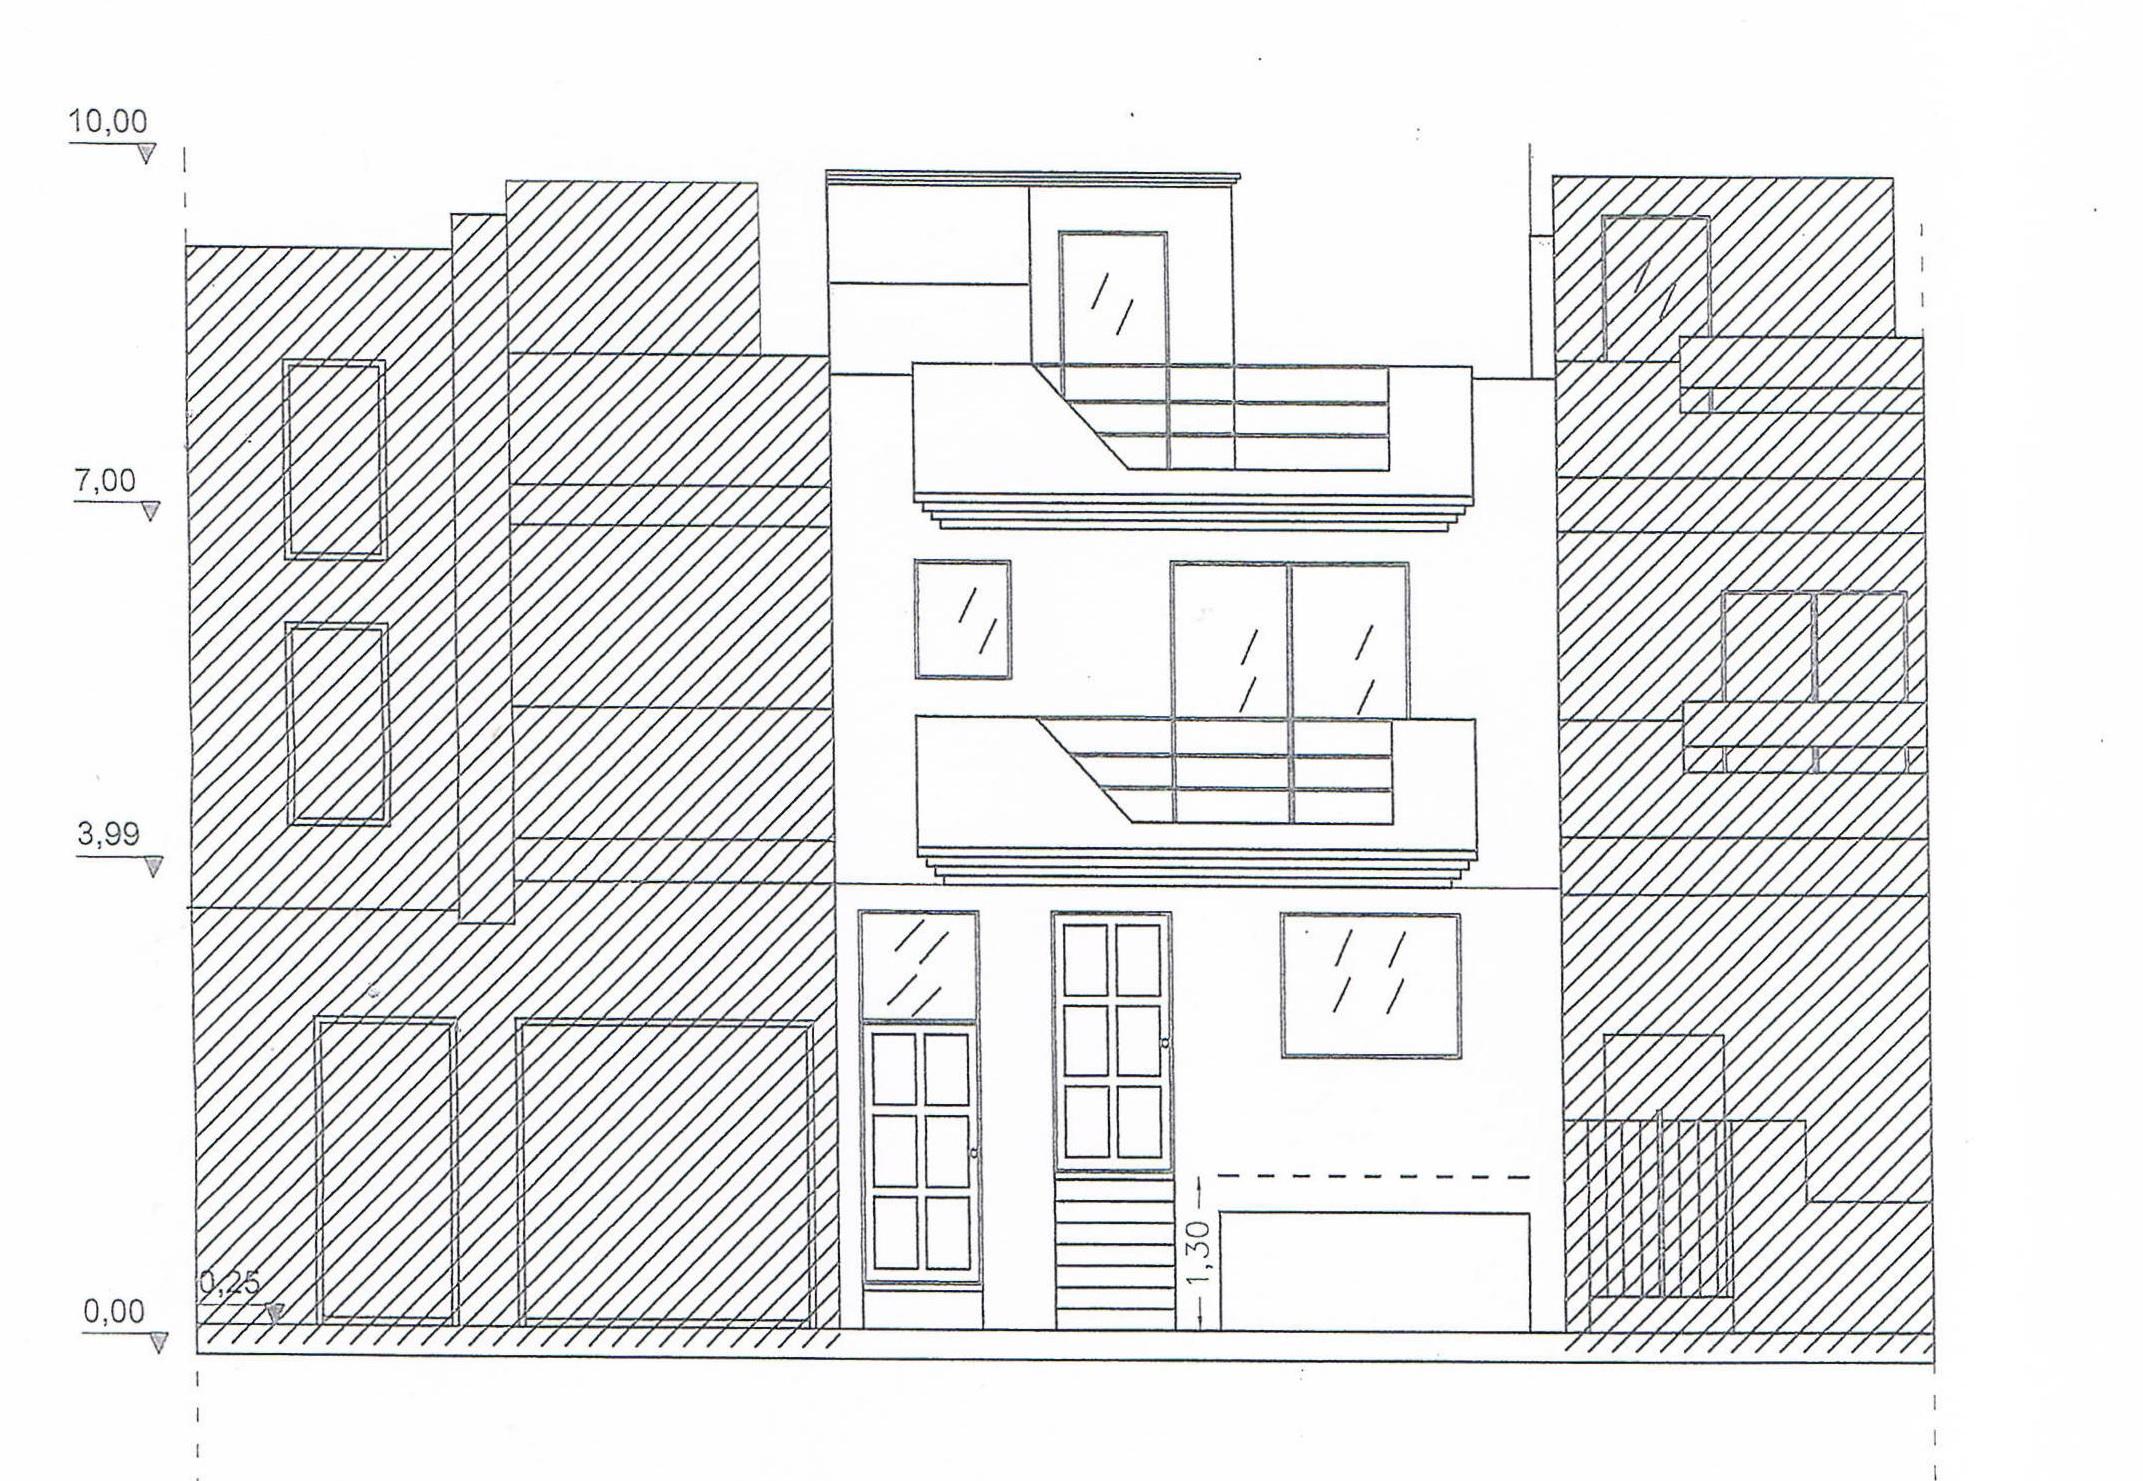 Appartamenti in vendita di nuova costruzione, 4 vani e doppi servizi